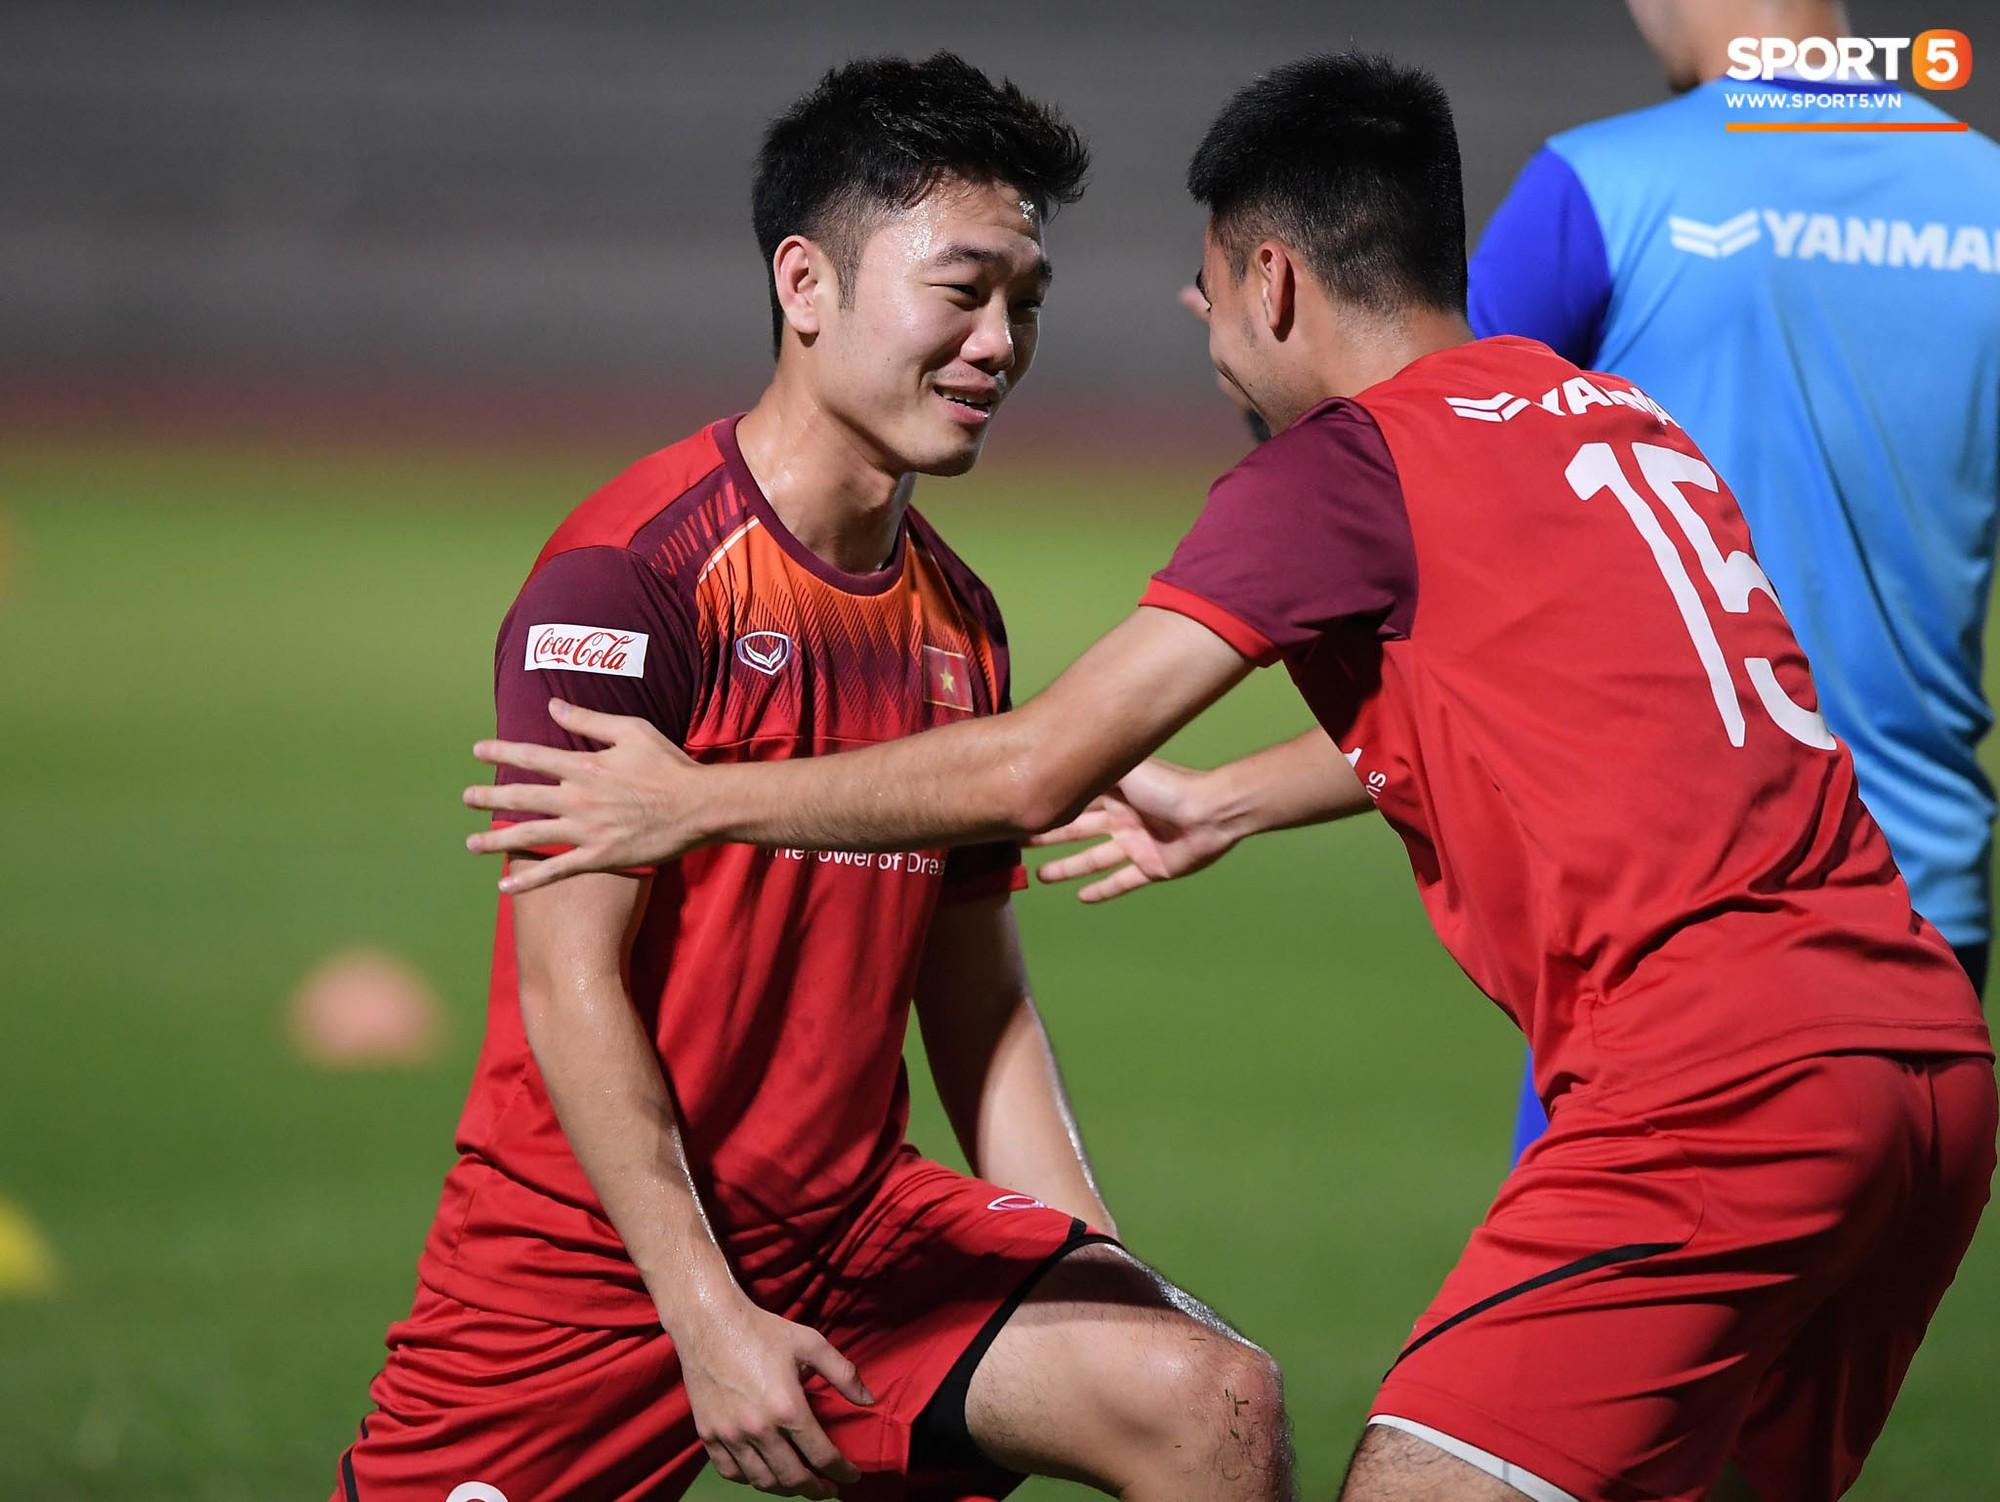 Xuân Trường táng Đức Huy không trượt phát nào trong buổi tập trước trận gặp Thái Lan - Ảnh 1.